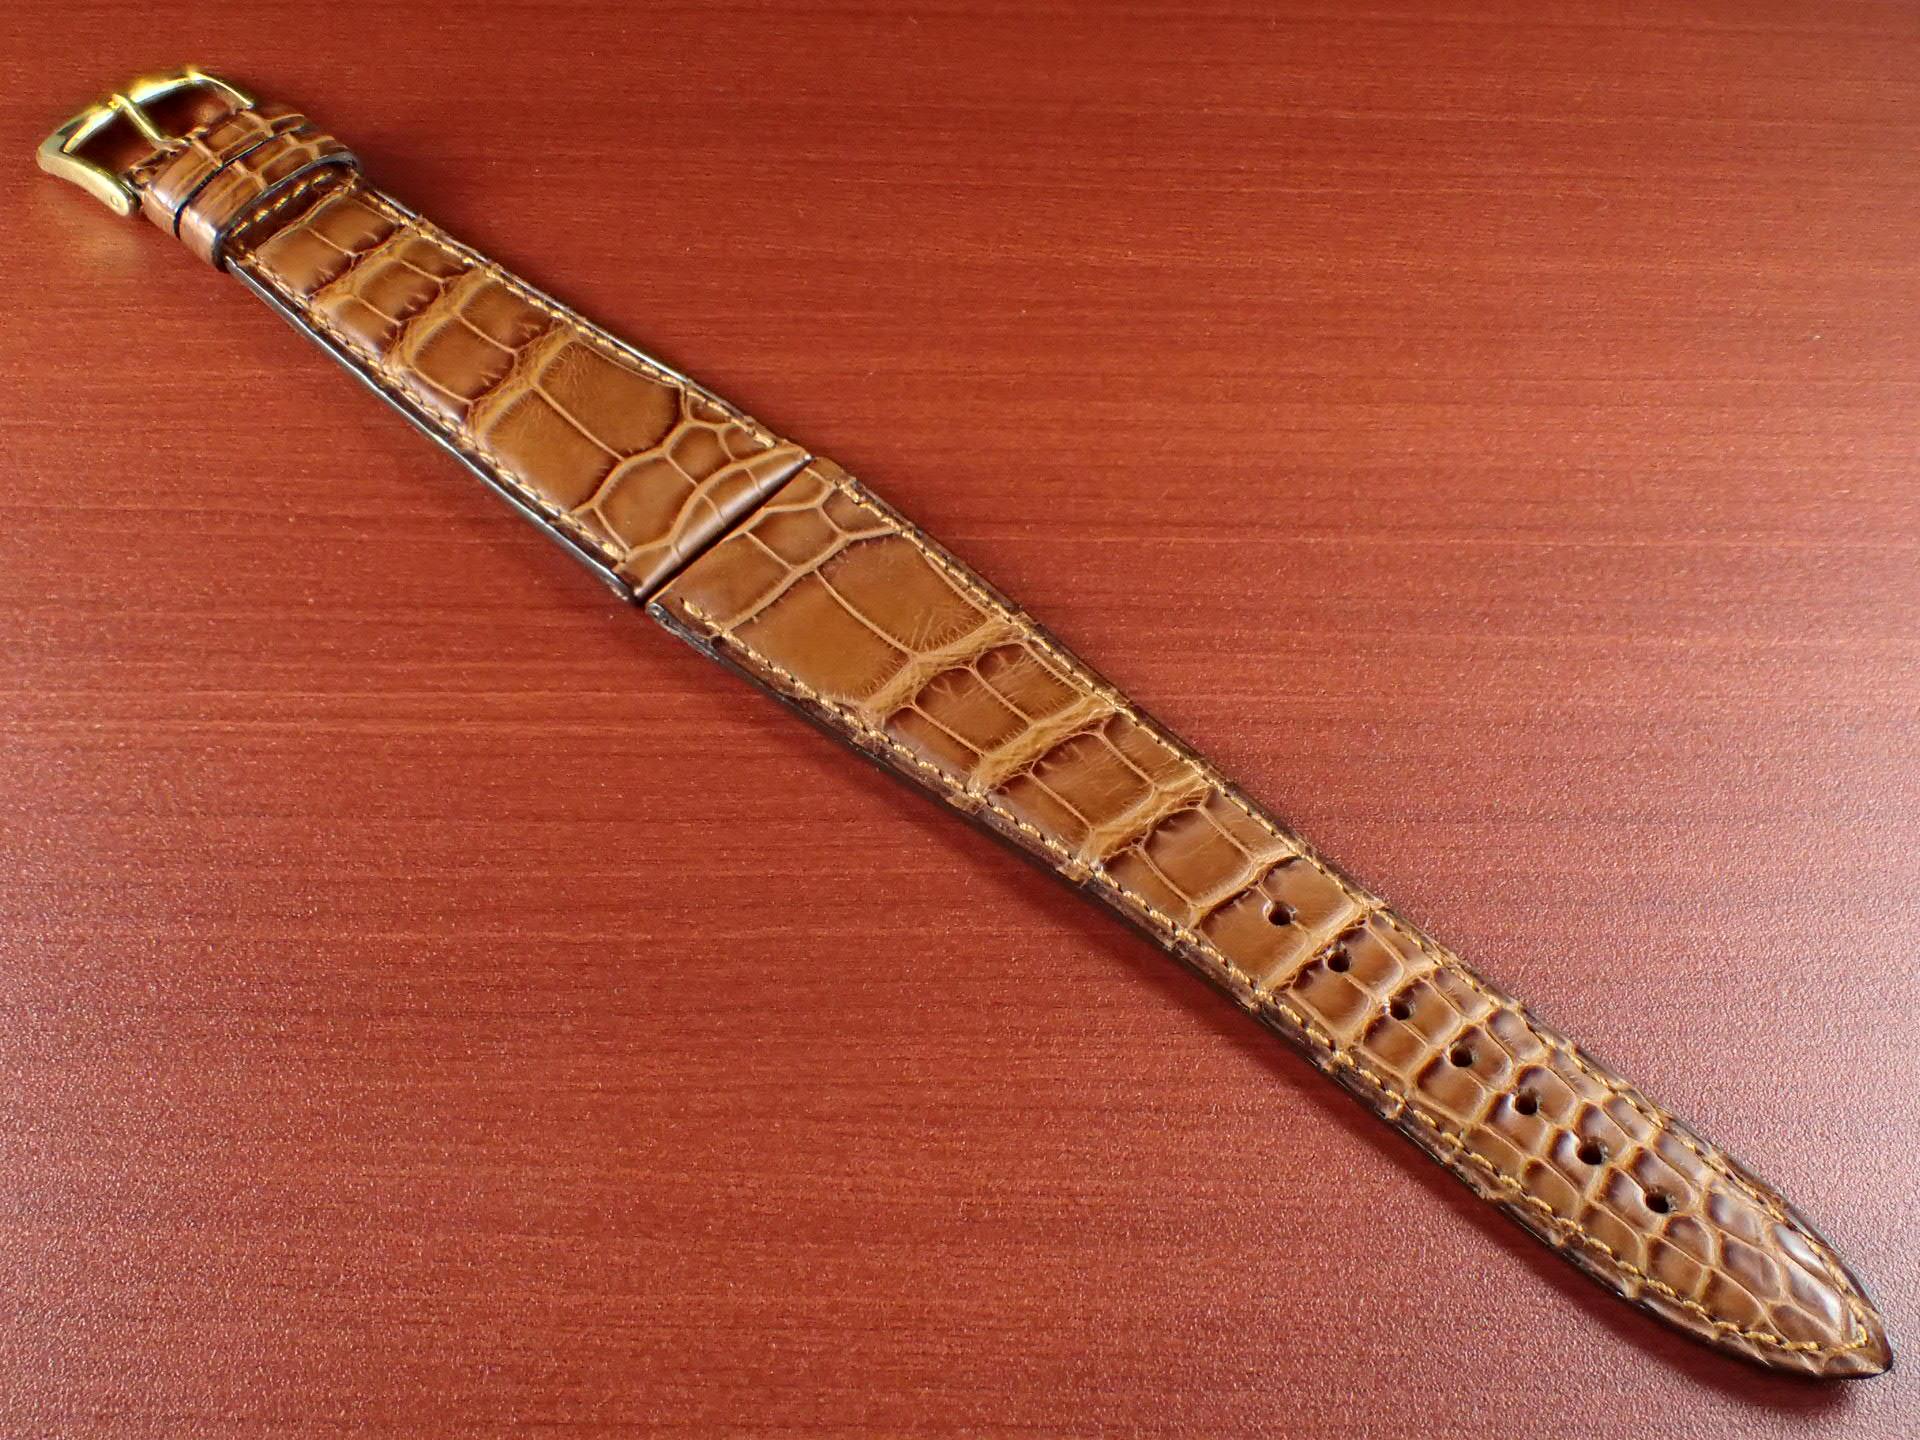 ジャン・クロード ペラン革ベルト(オールドペラン)クロコダイル キャメル 22mmのメイン写真